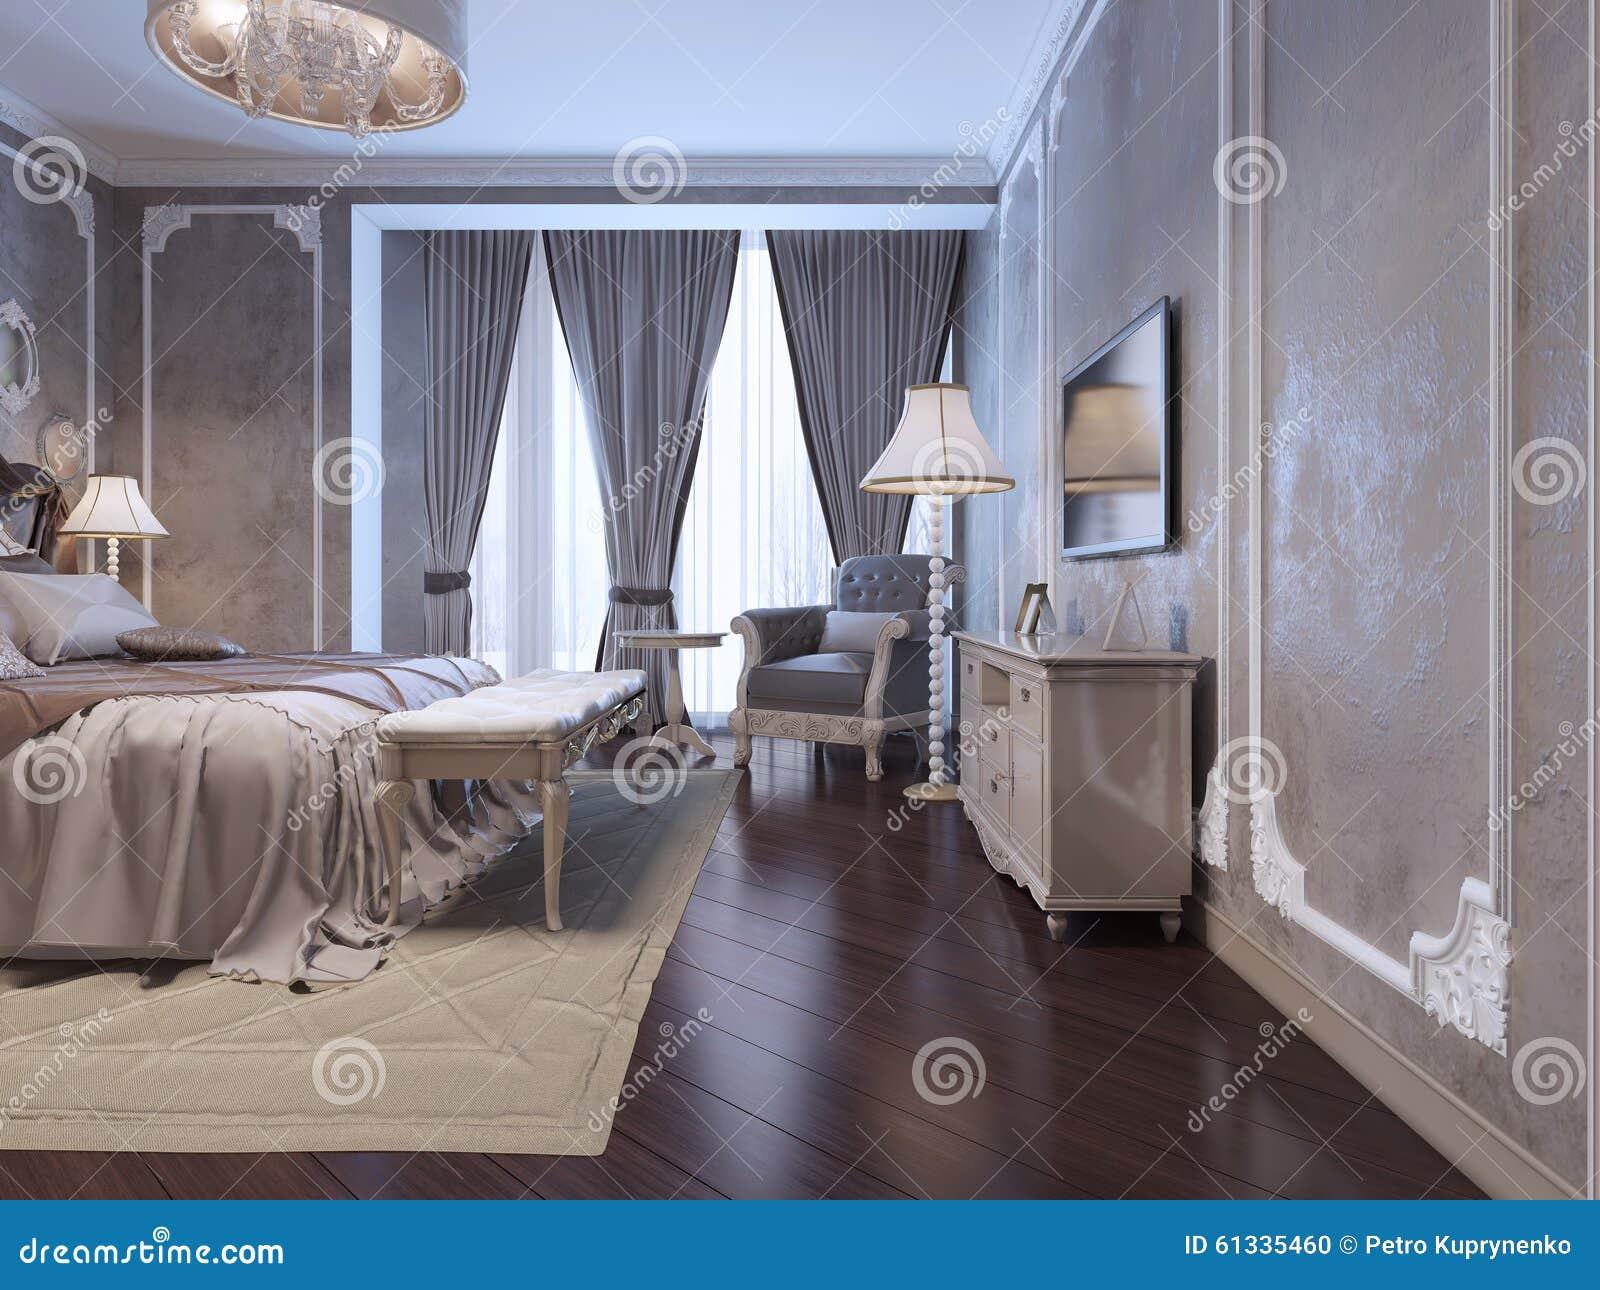 spacy-schlafzimmer mit großem fenster stock abbildung - bild: 61335460 - Schlafzimmer Fenster